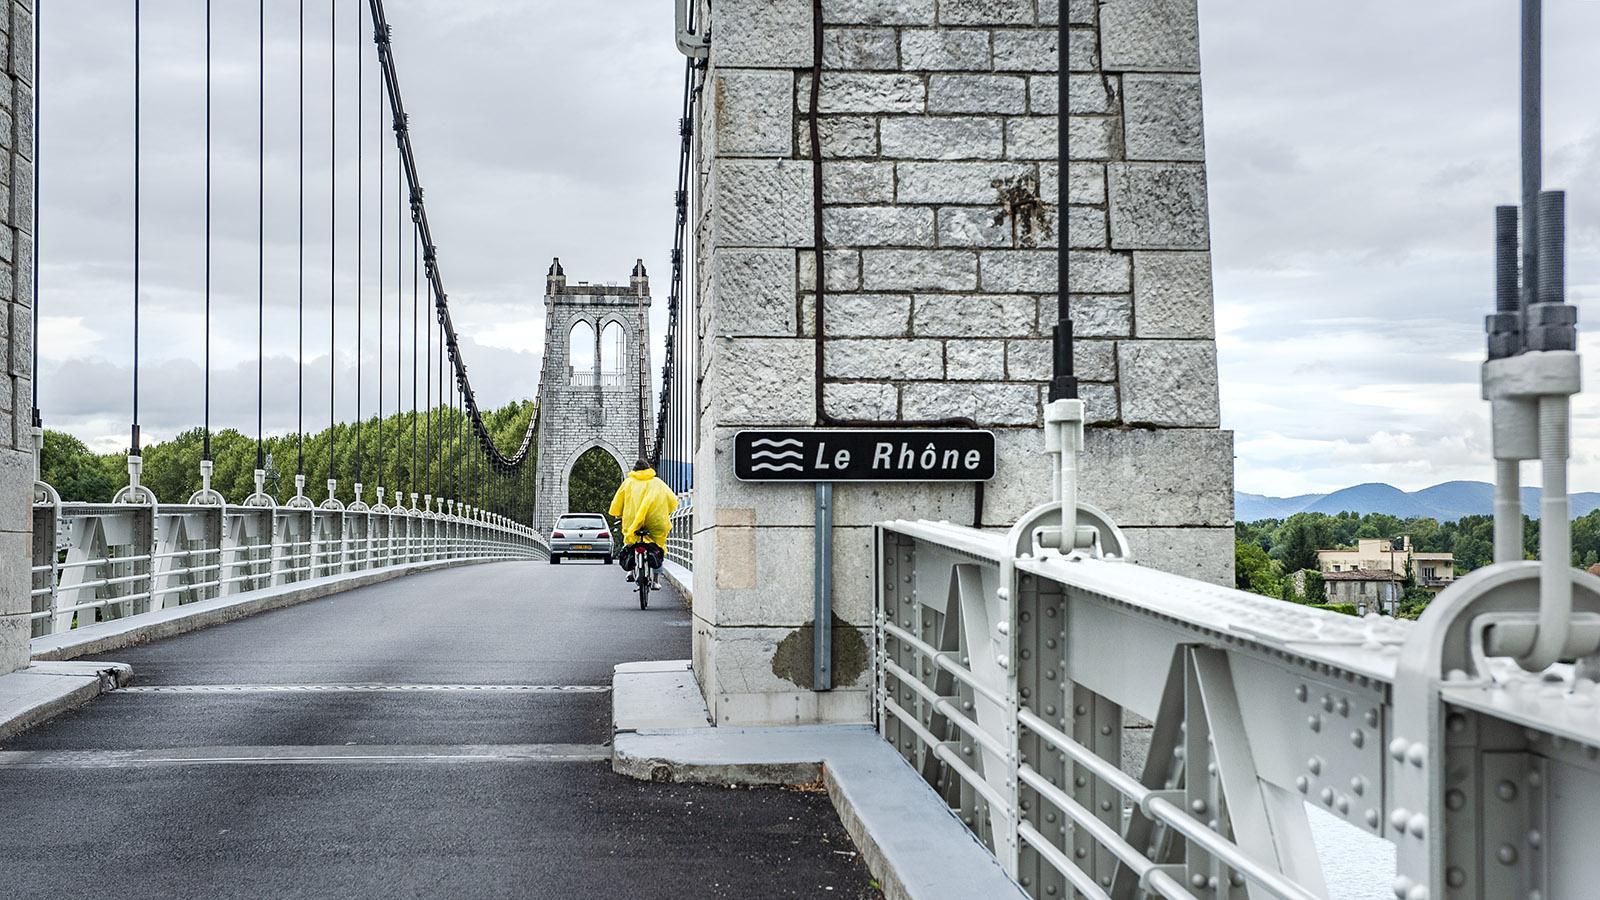 ViaRhôna: Auf der Rhônebrücke von La Voulte-surRhône teilt sich der Radwanderweg die Fahrbahn mit anderen Fahrzeugen. Foto: Hilke Maunder